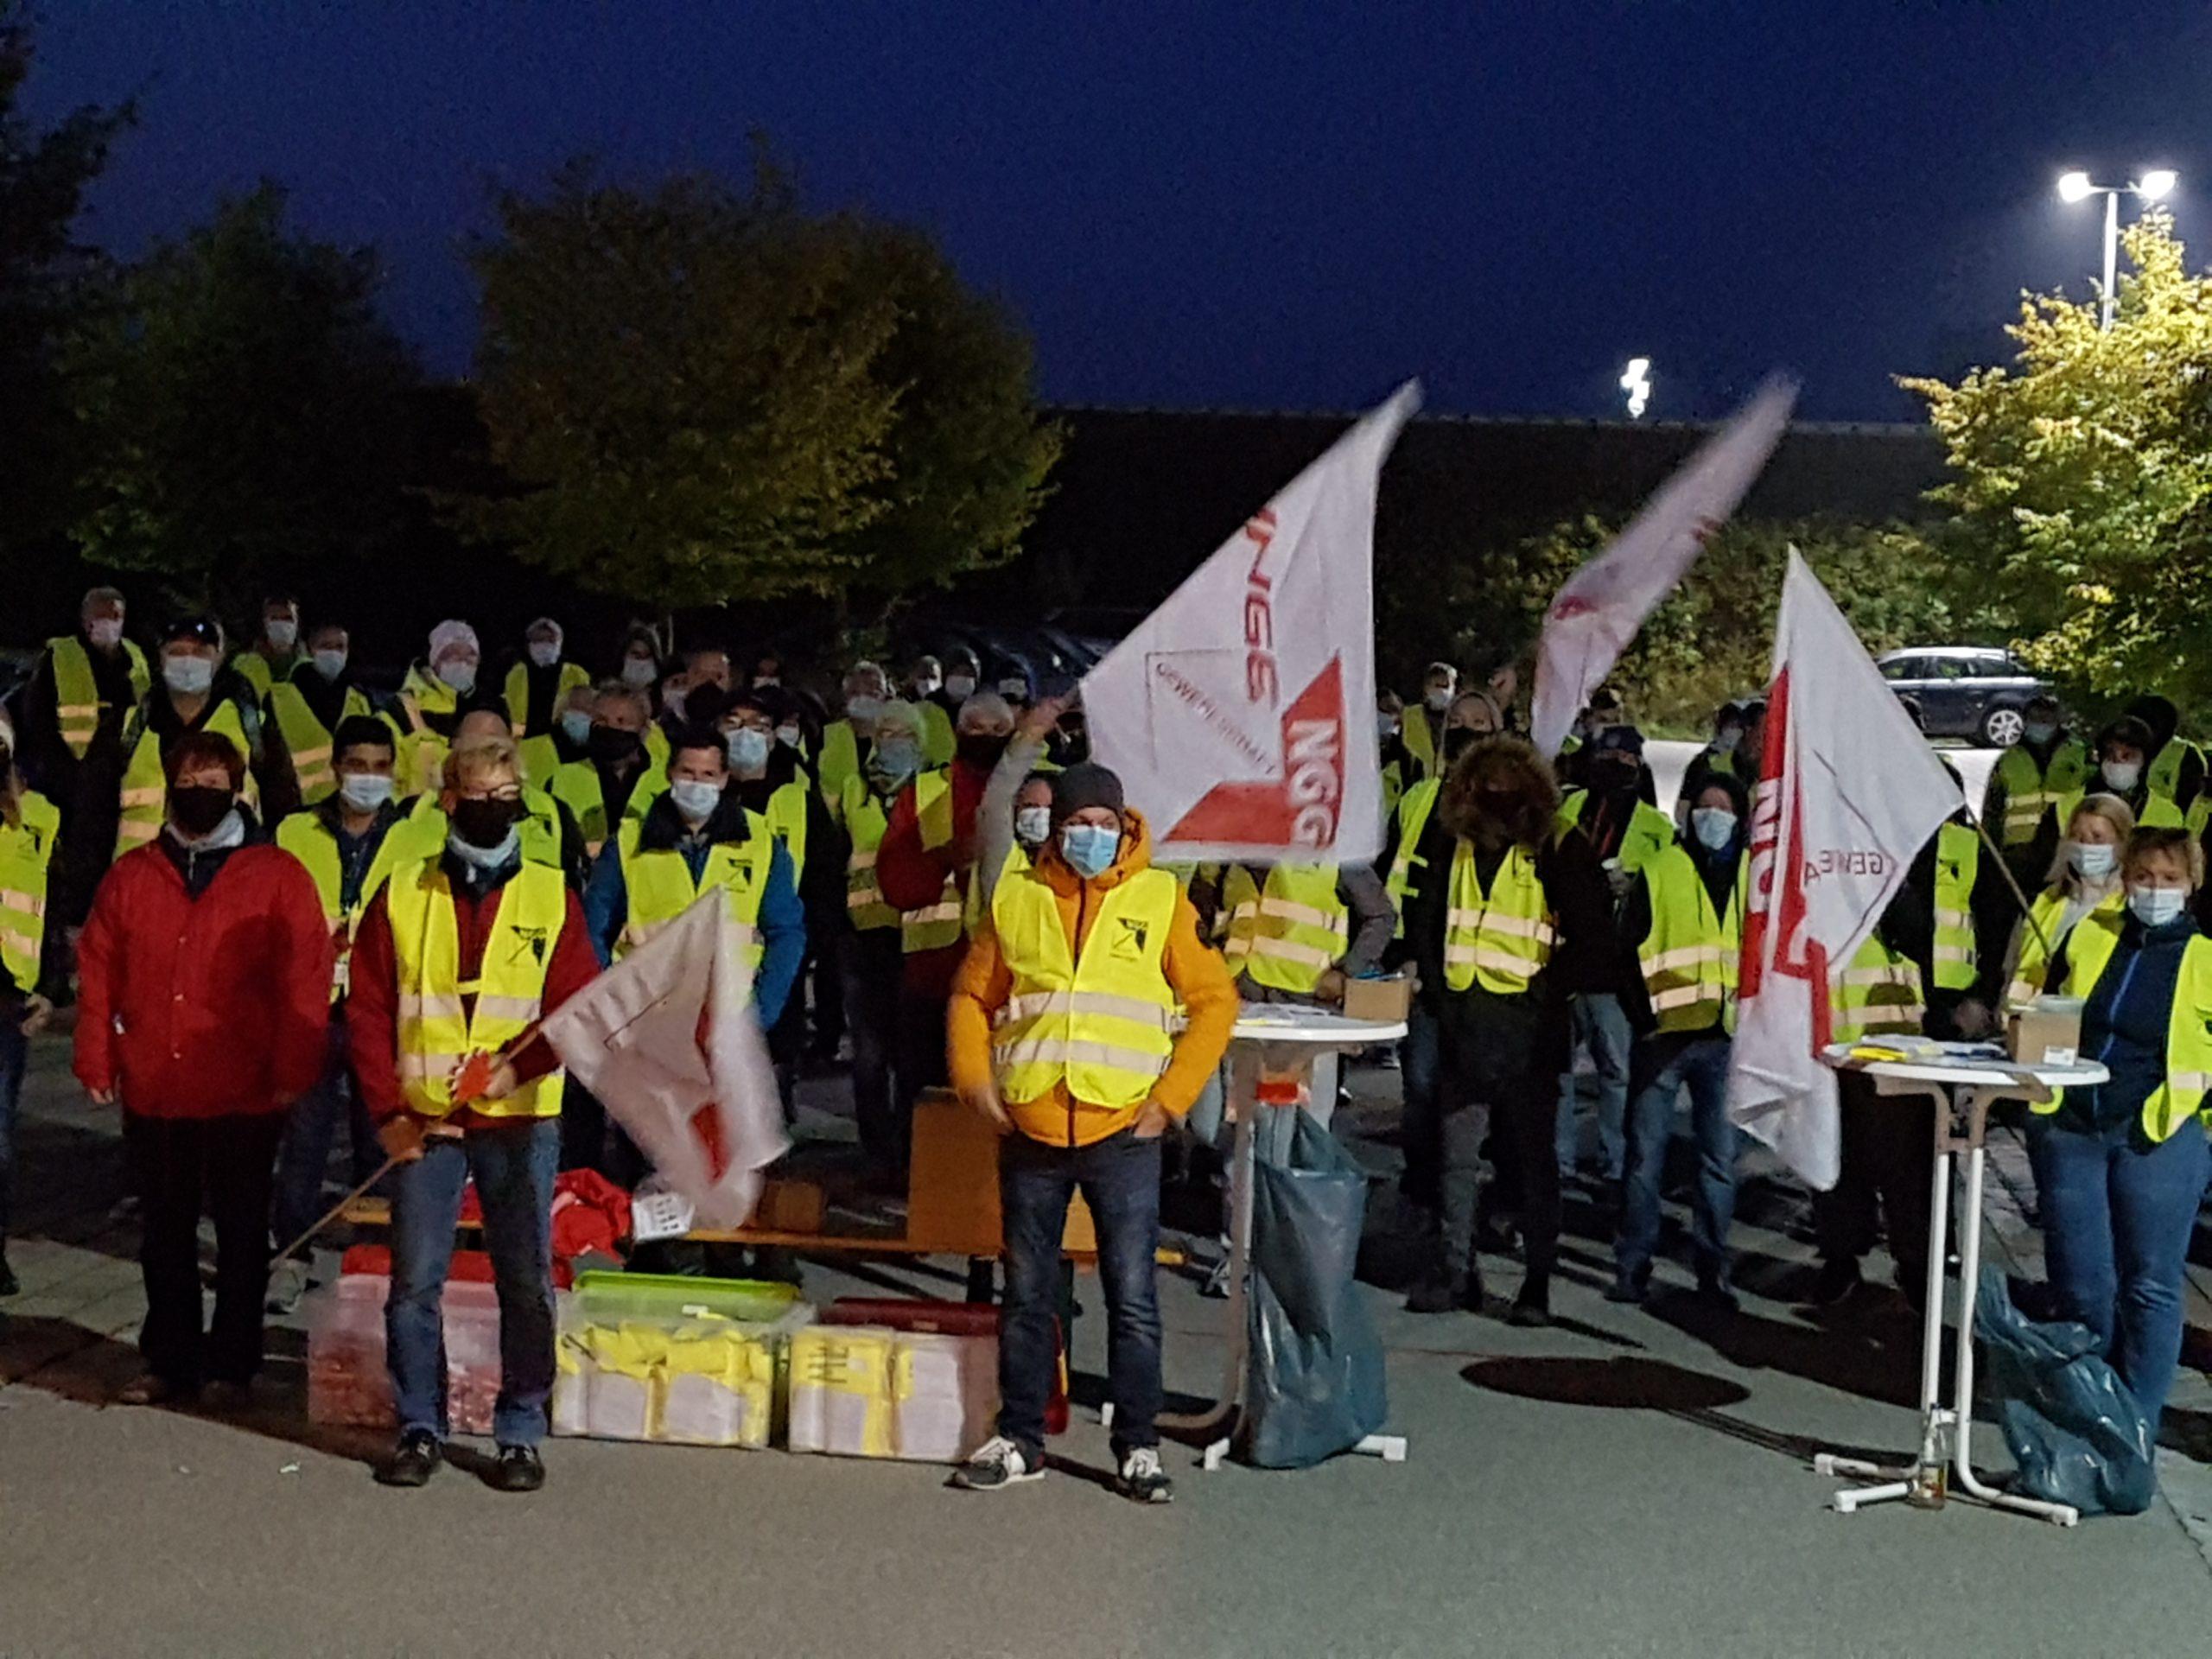 Pressemitteilung zu den Warnstreiks in der bayerischen Milchwirtschaft